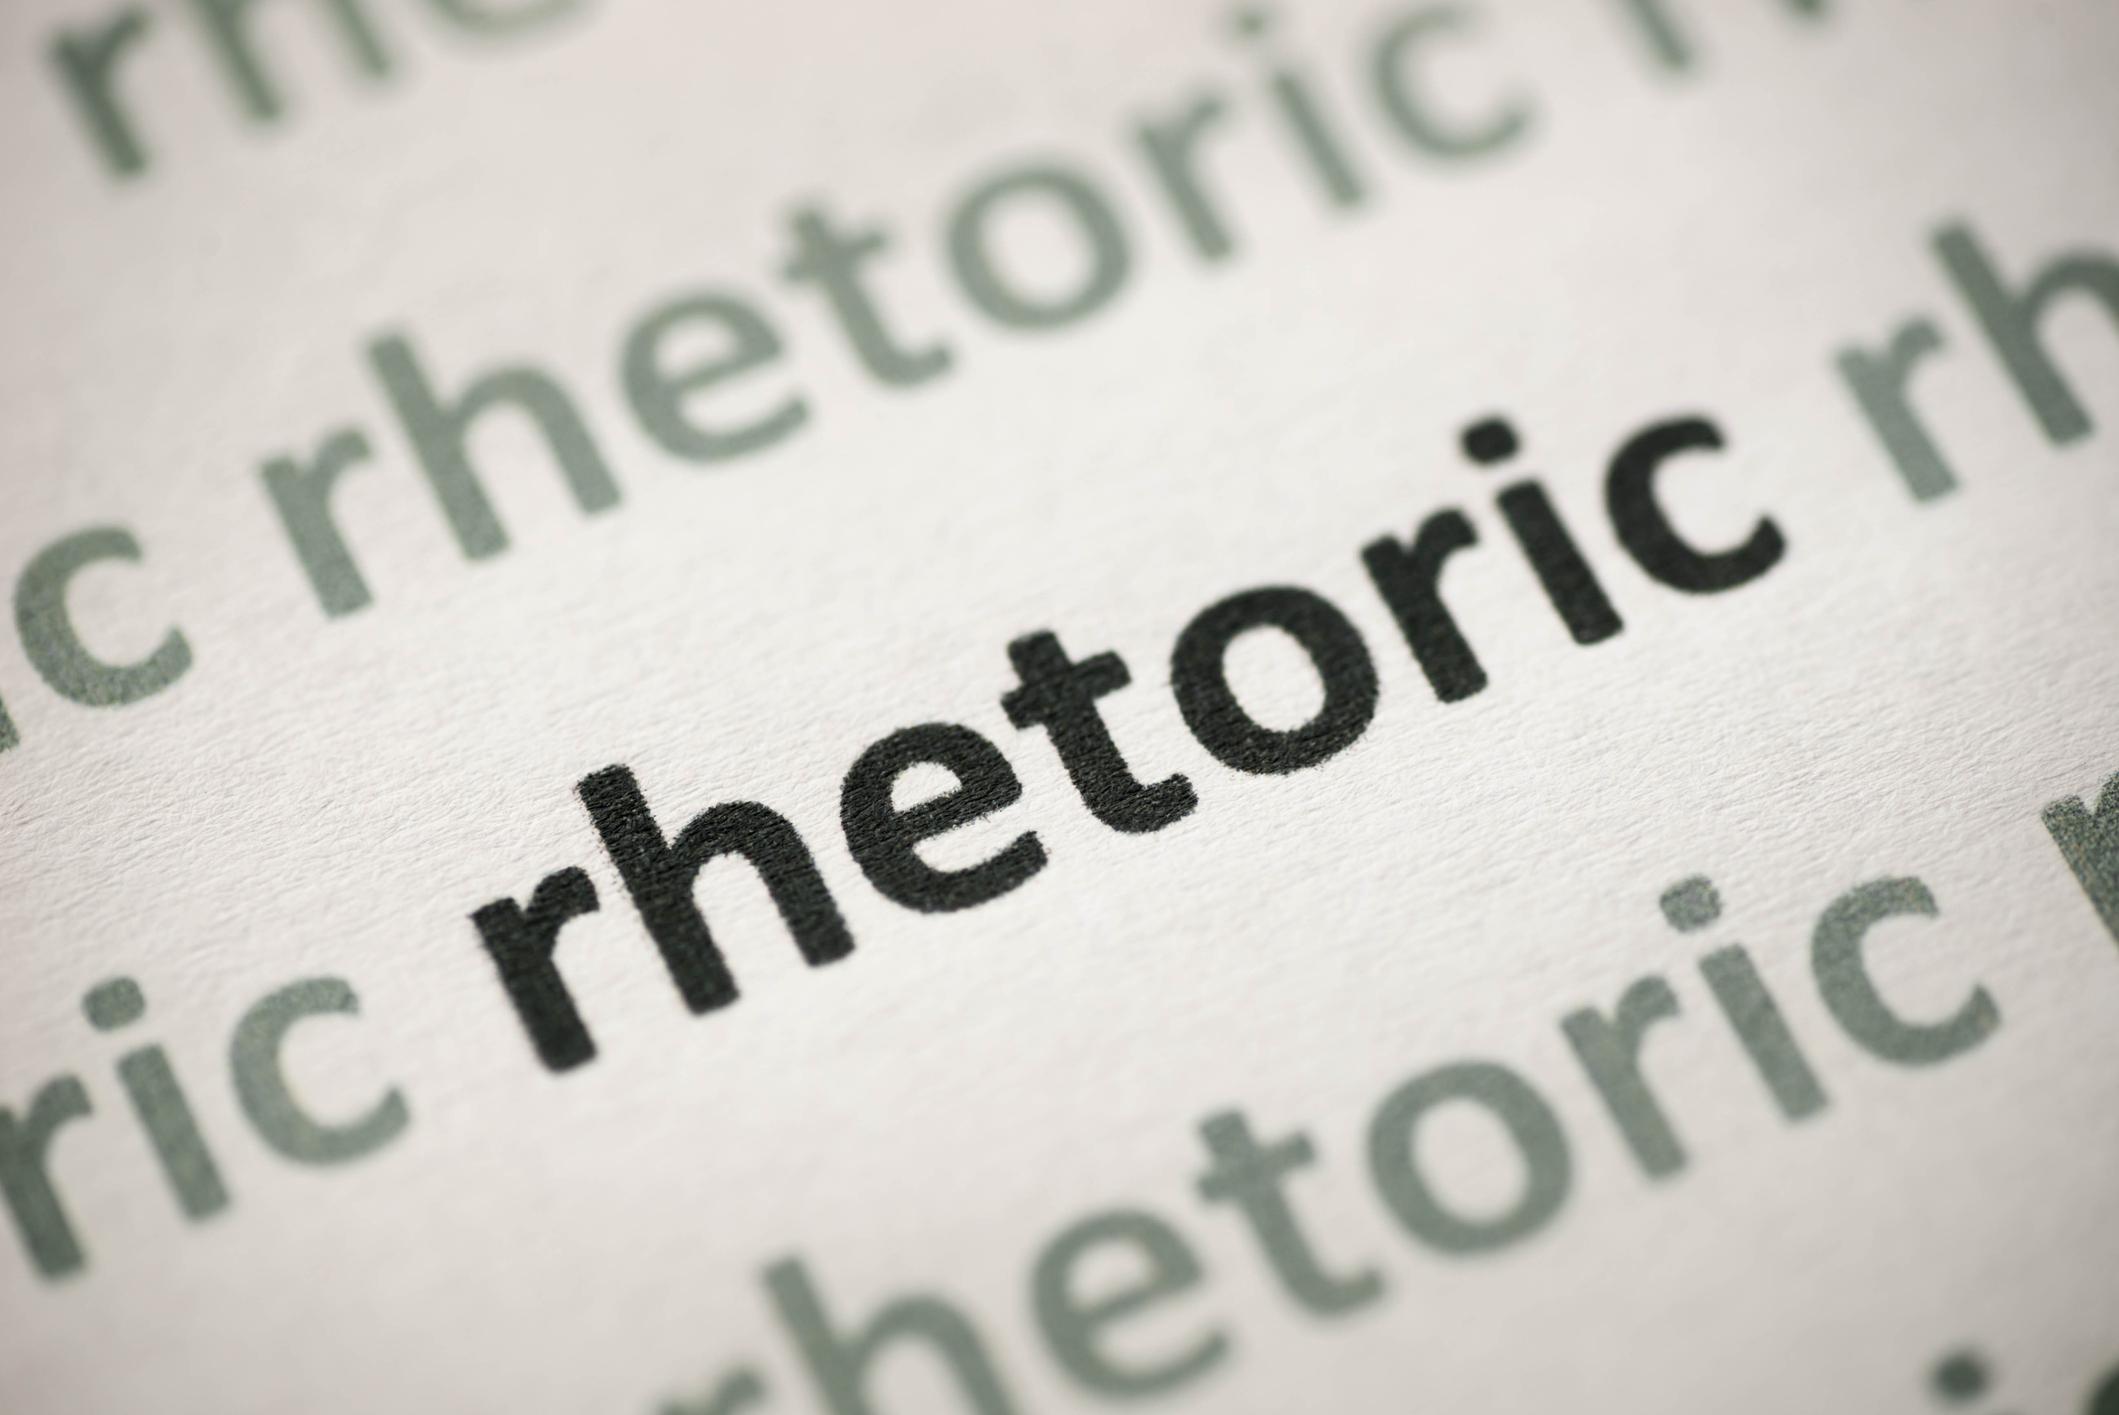 Cue the rhetoric